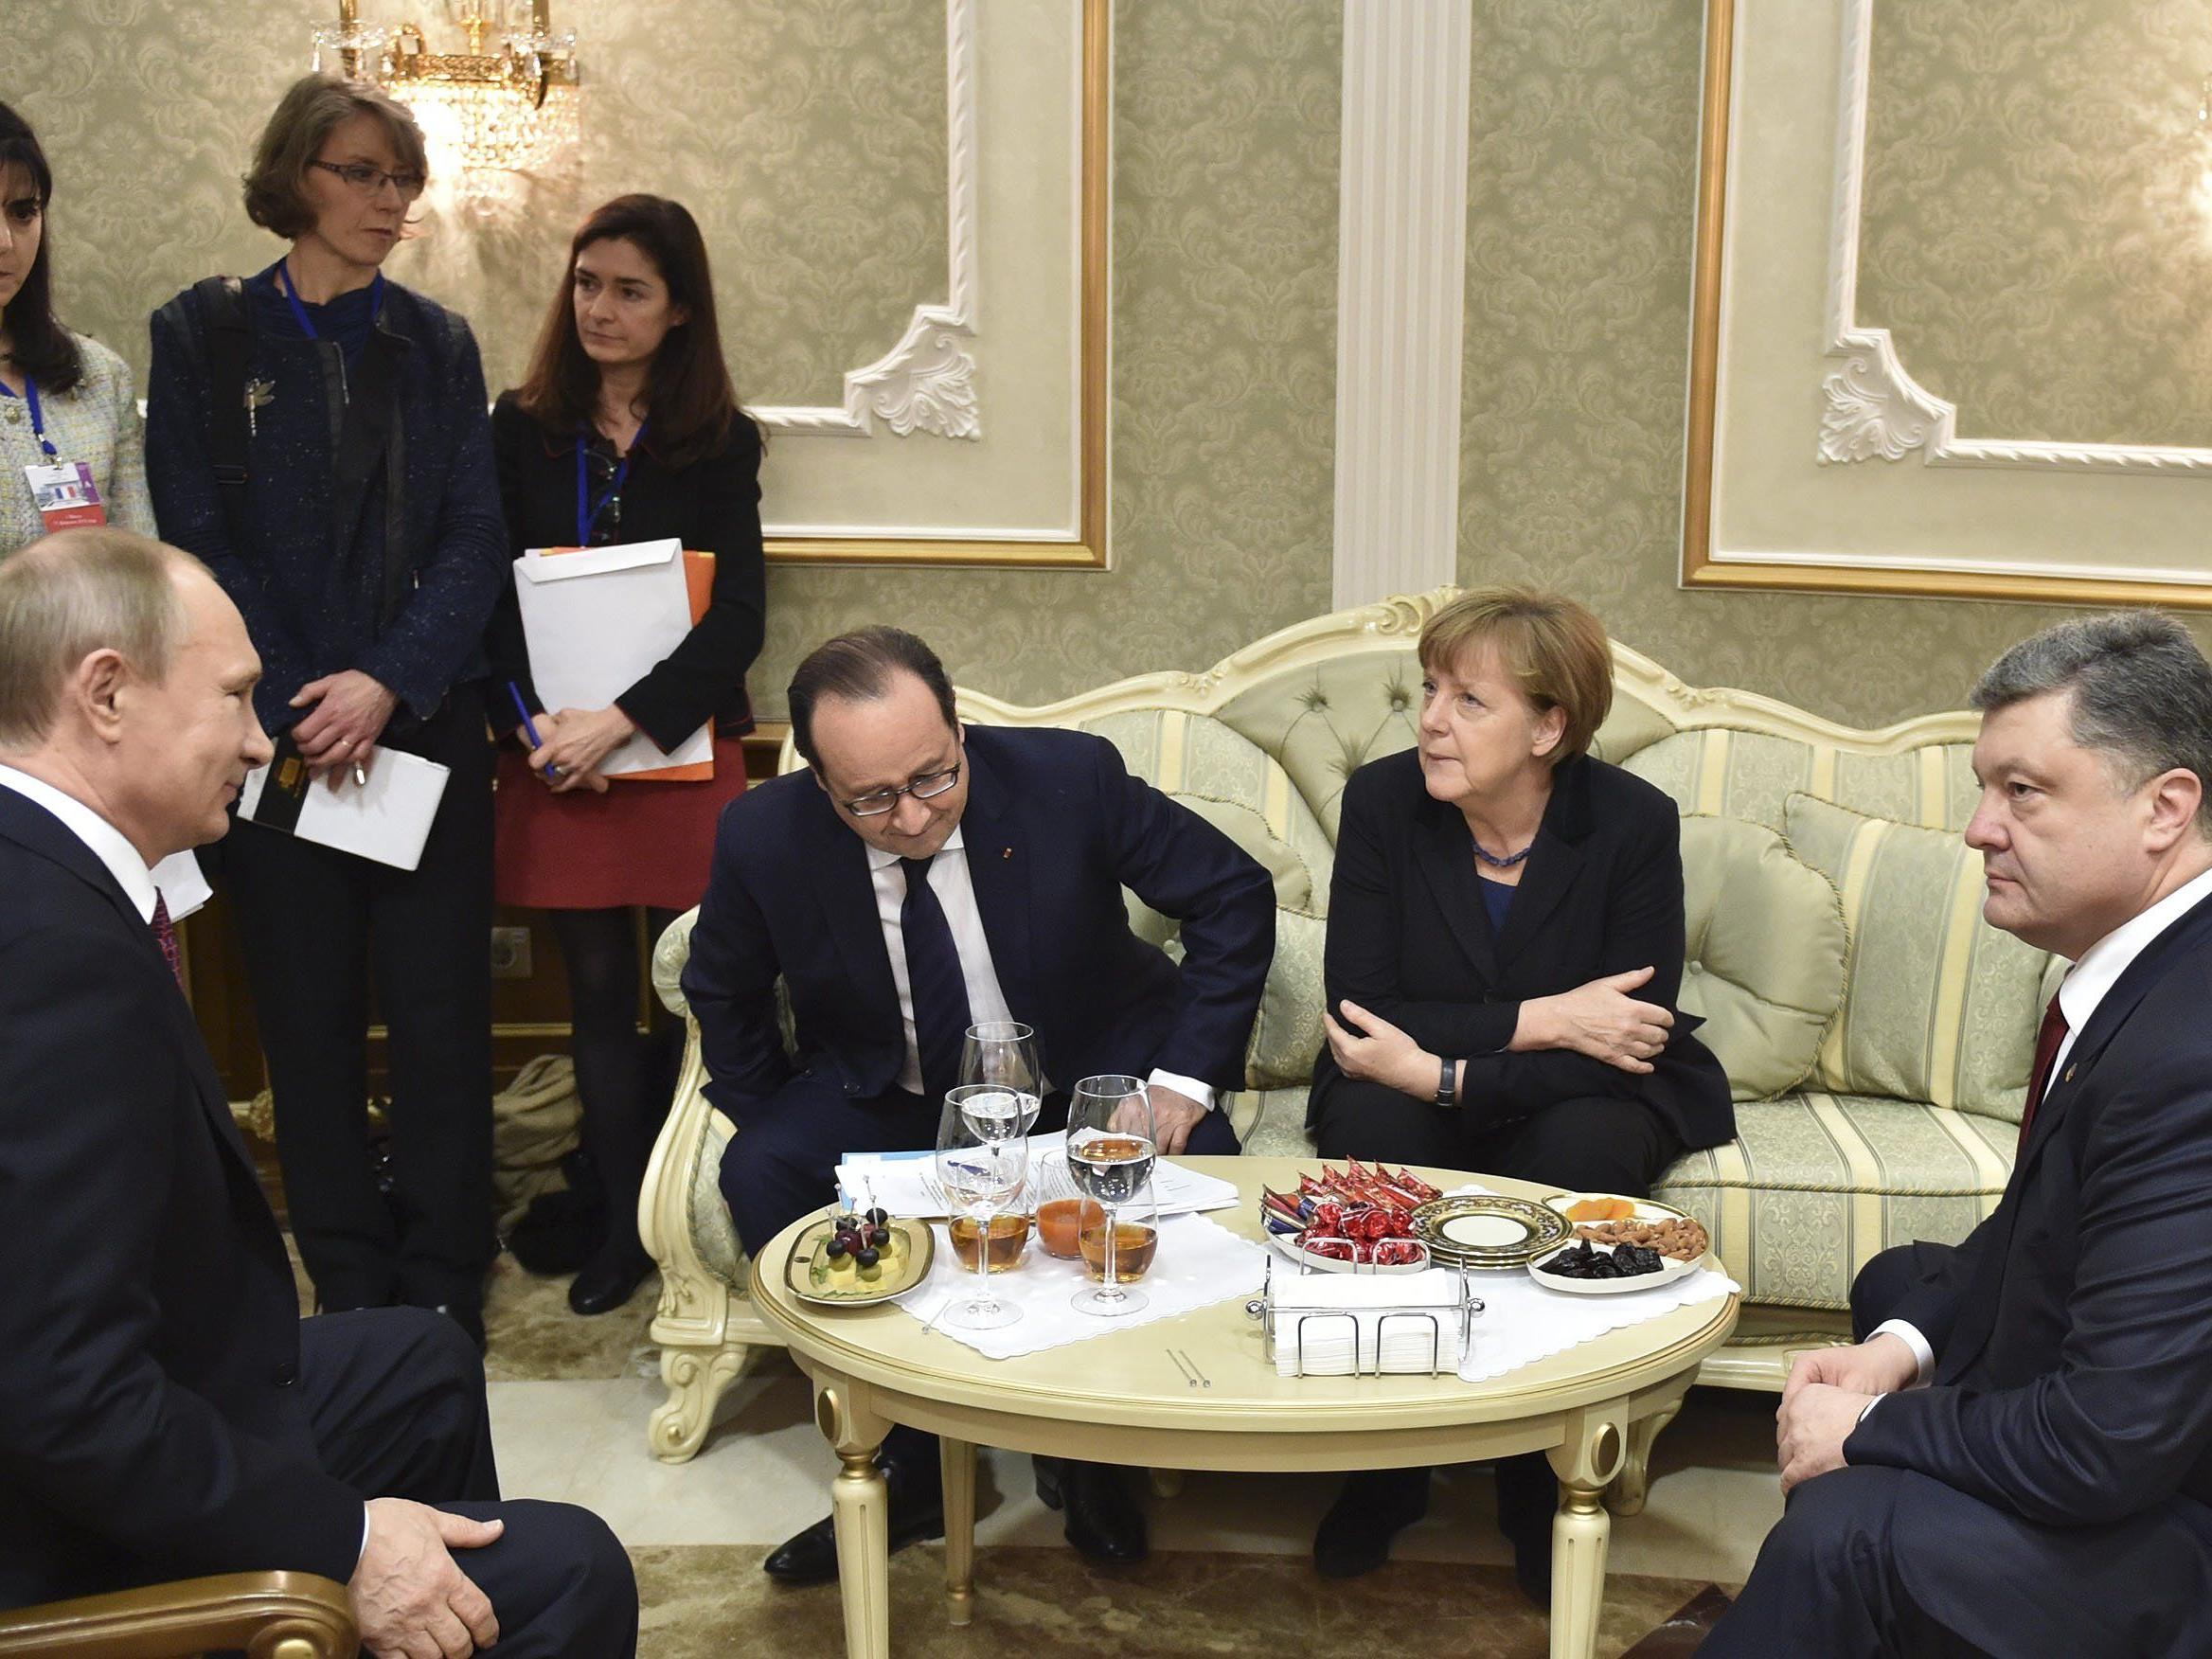 Der Runde Tisch, an dem die Ukraine-Krise abkühlen oder eskalieren könnte.